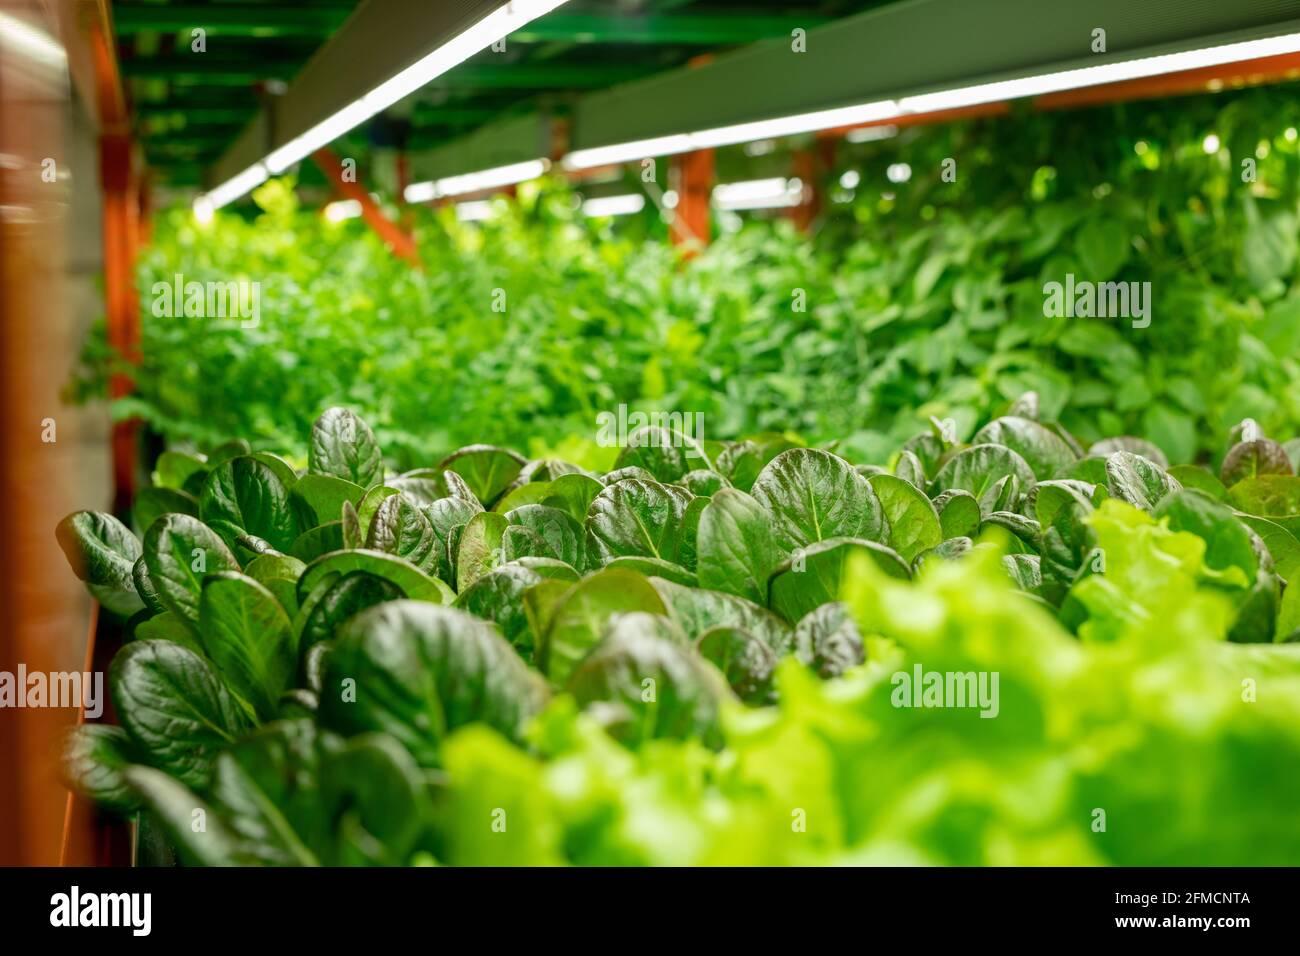 Primo piano di vari tipi di lattuga che crescono sotto l'agricoltura verticale Sistema con lampade a LED Foto Stock